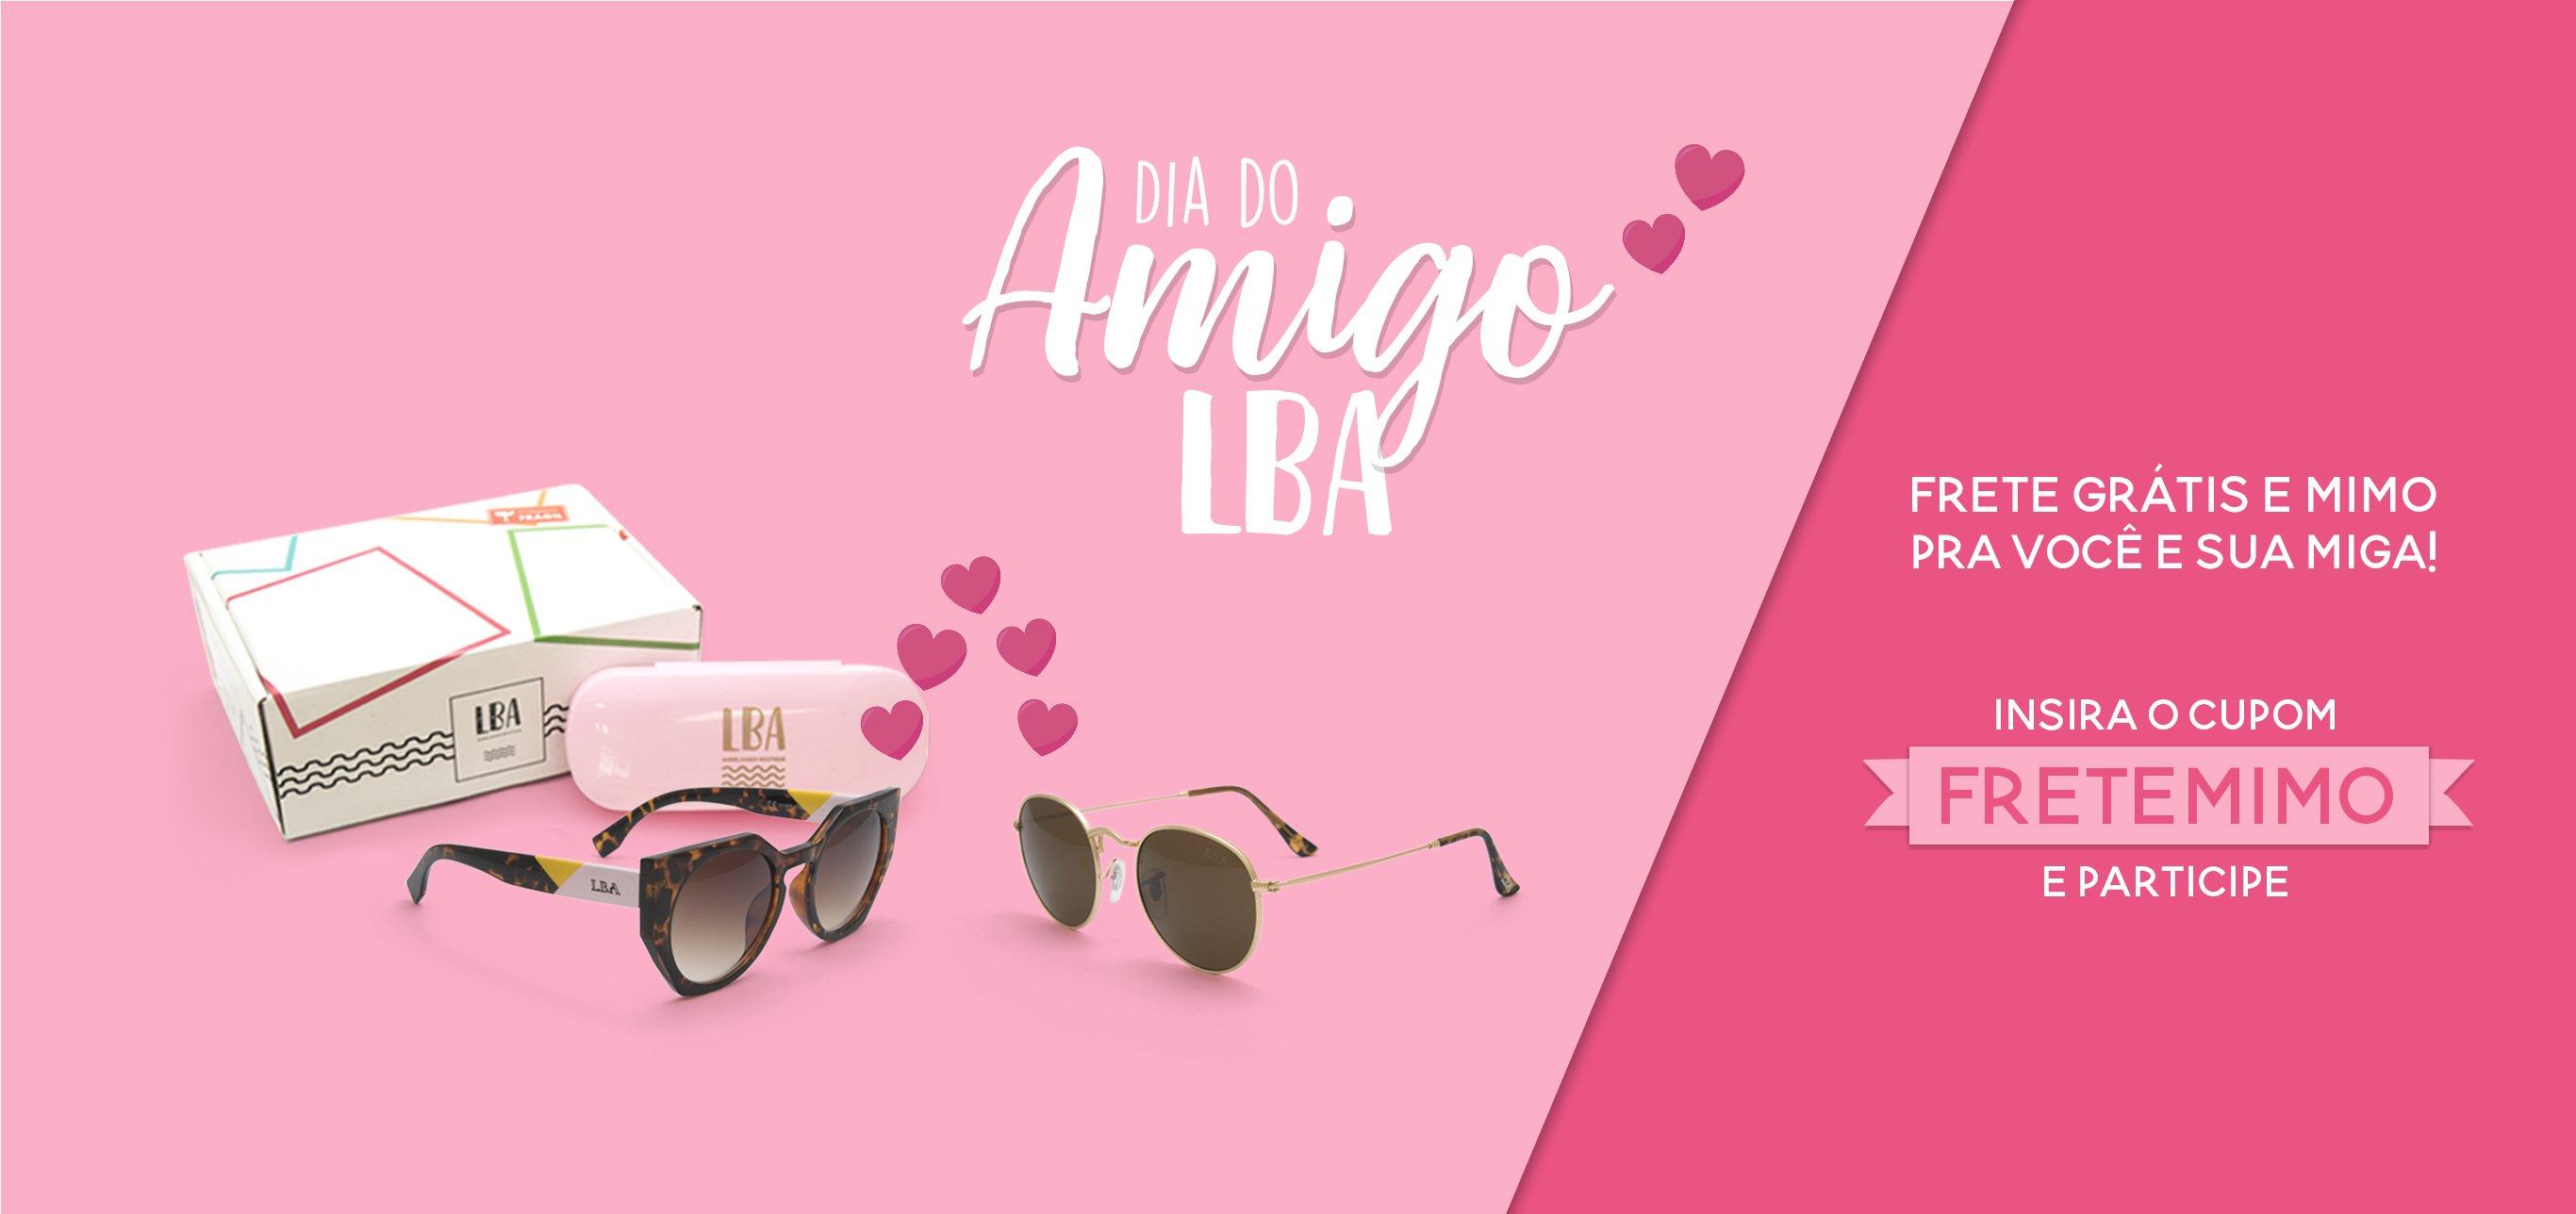 574b20e9c297db LBA Sunglasses Boutique - Os óculos de sol preferidos das blogueiras - By  @isakhzouz